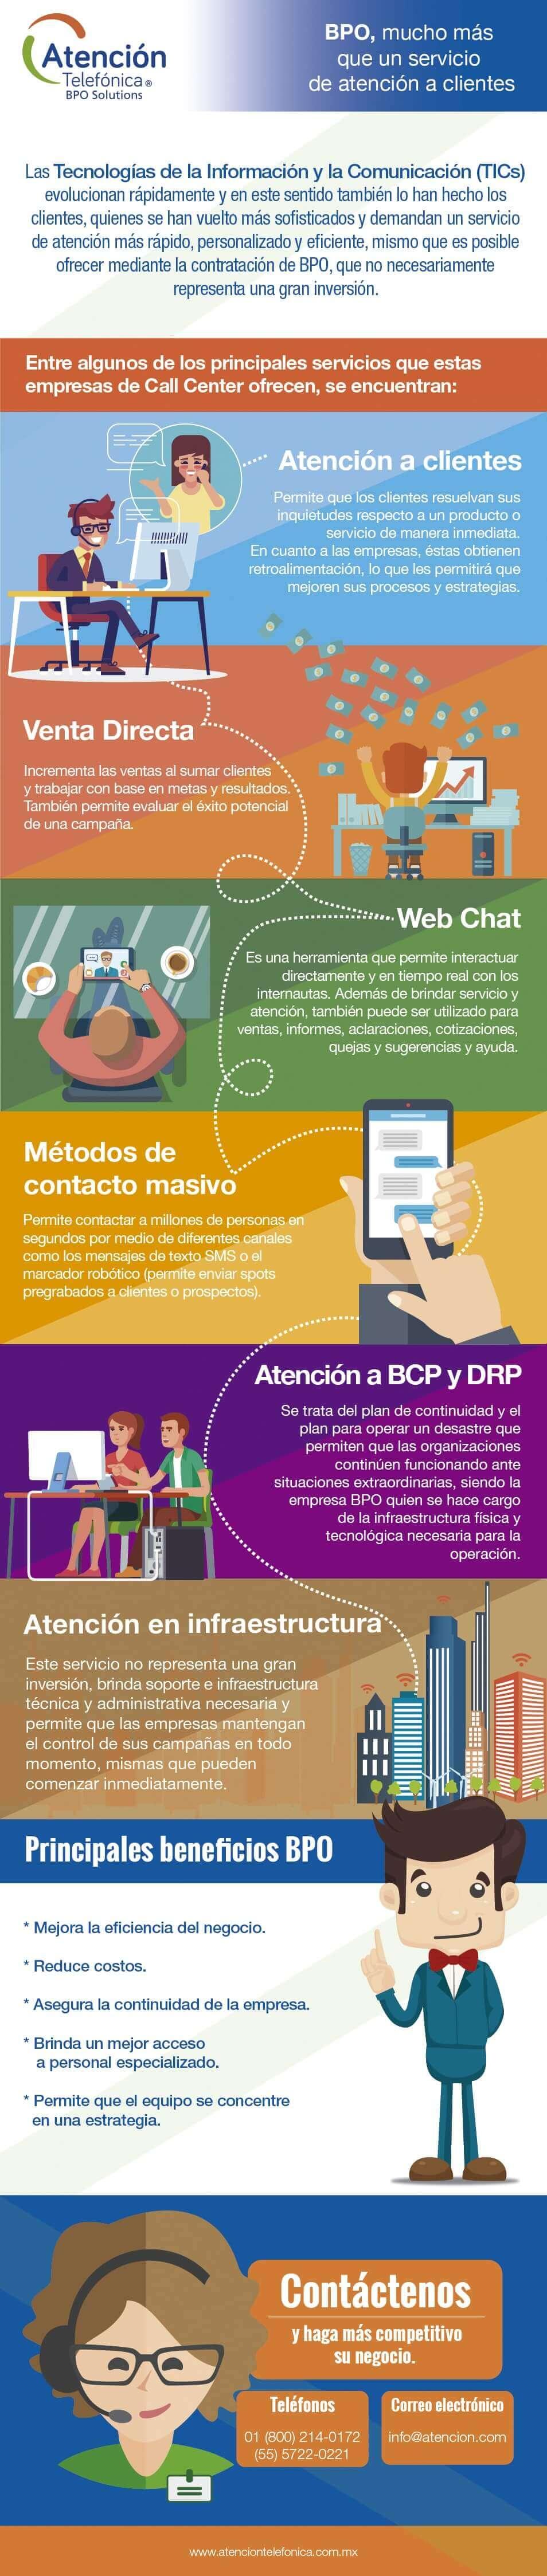 servicios-bpo-para-empresas-infografía